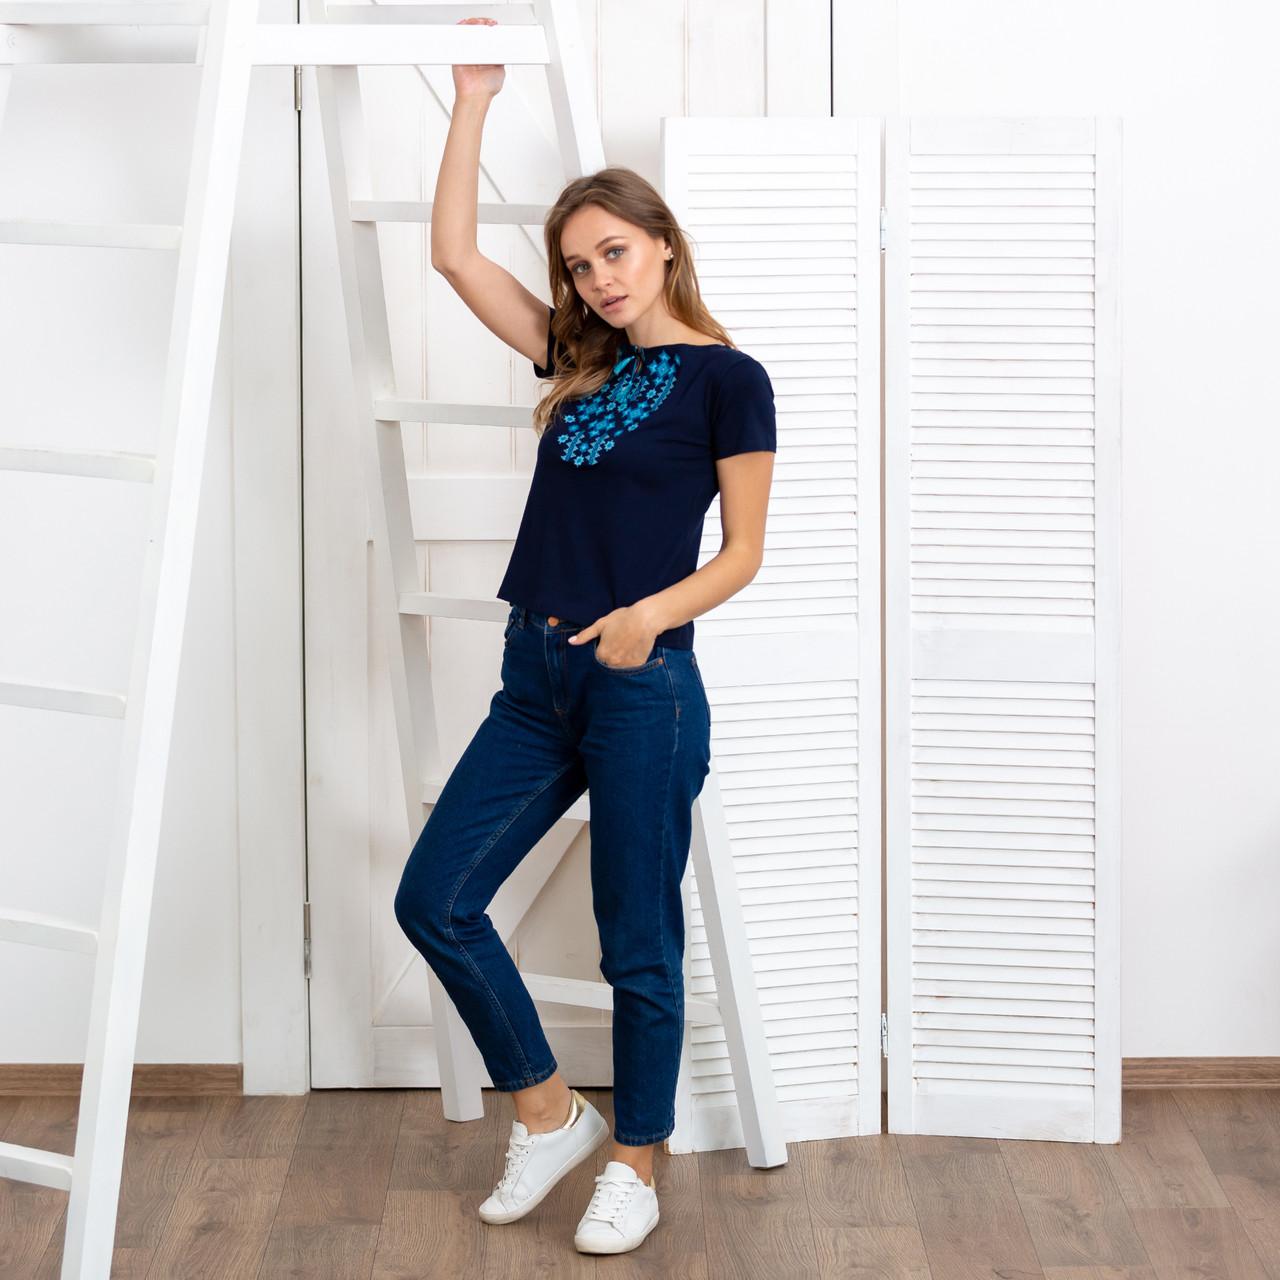 Жіноча футболка вишиванка Зірки синя